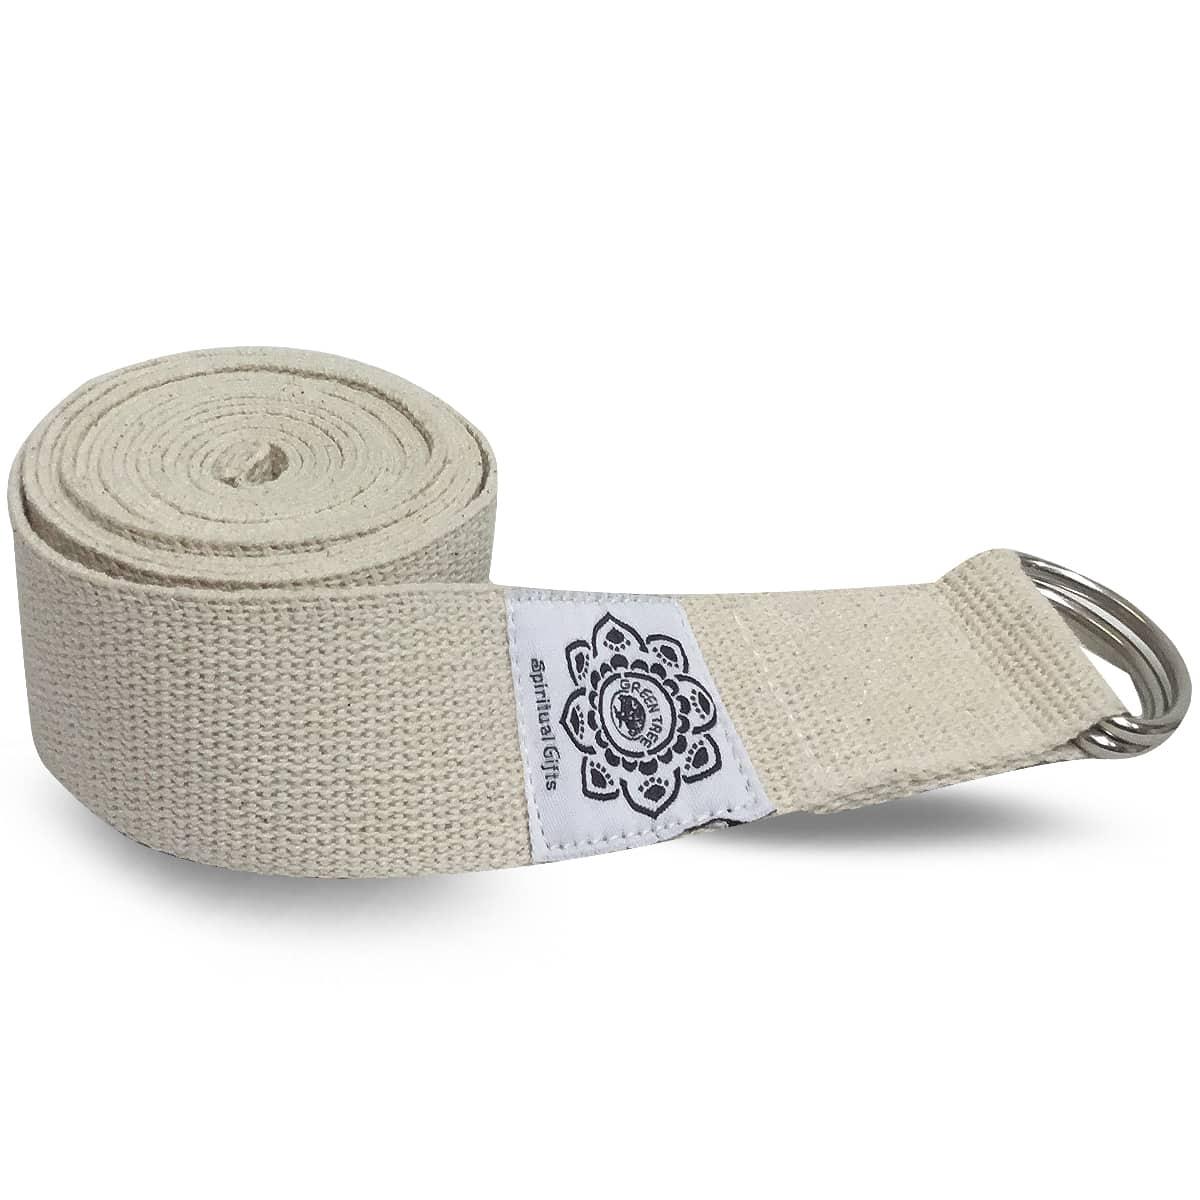 Spiru Katoenen Yoga Riem Wit met D-Ring - 270 cm